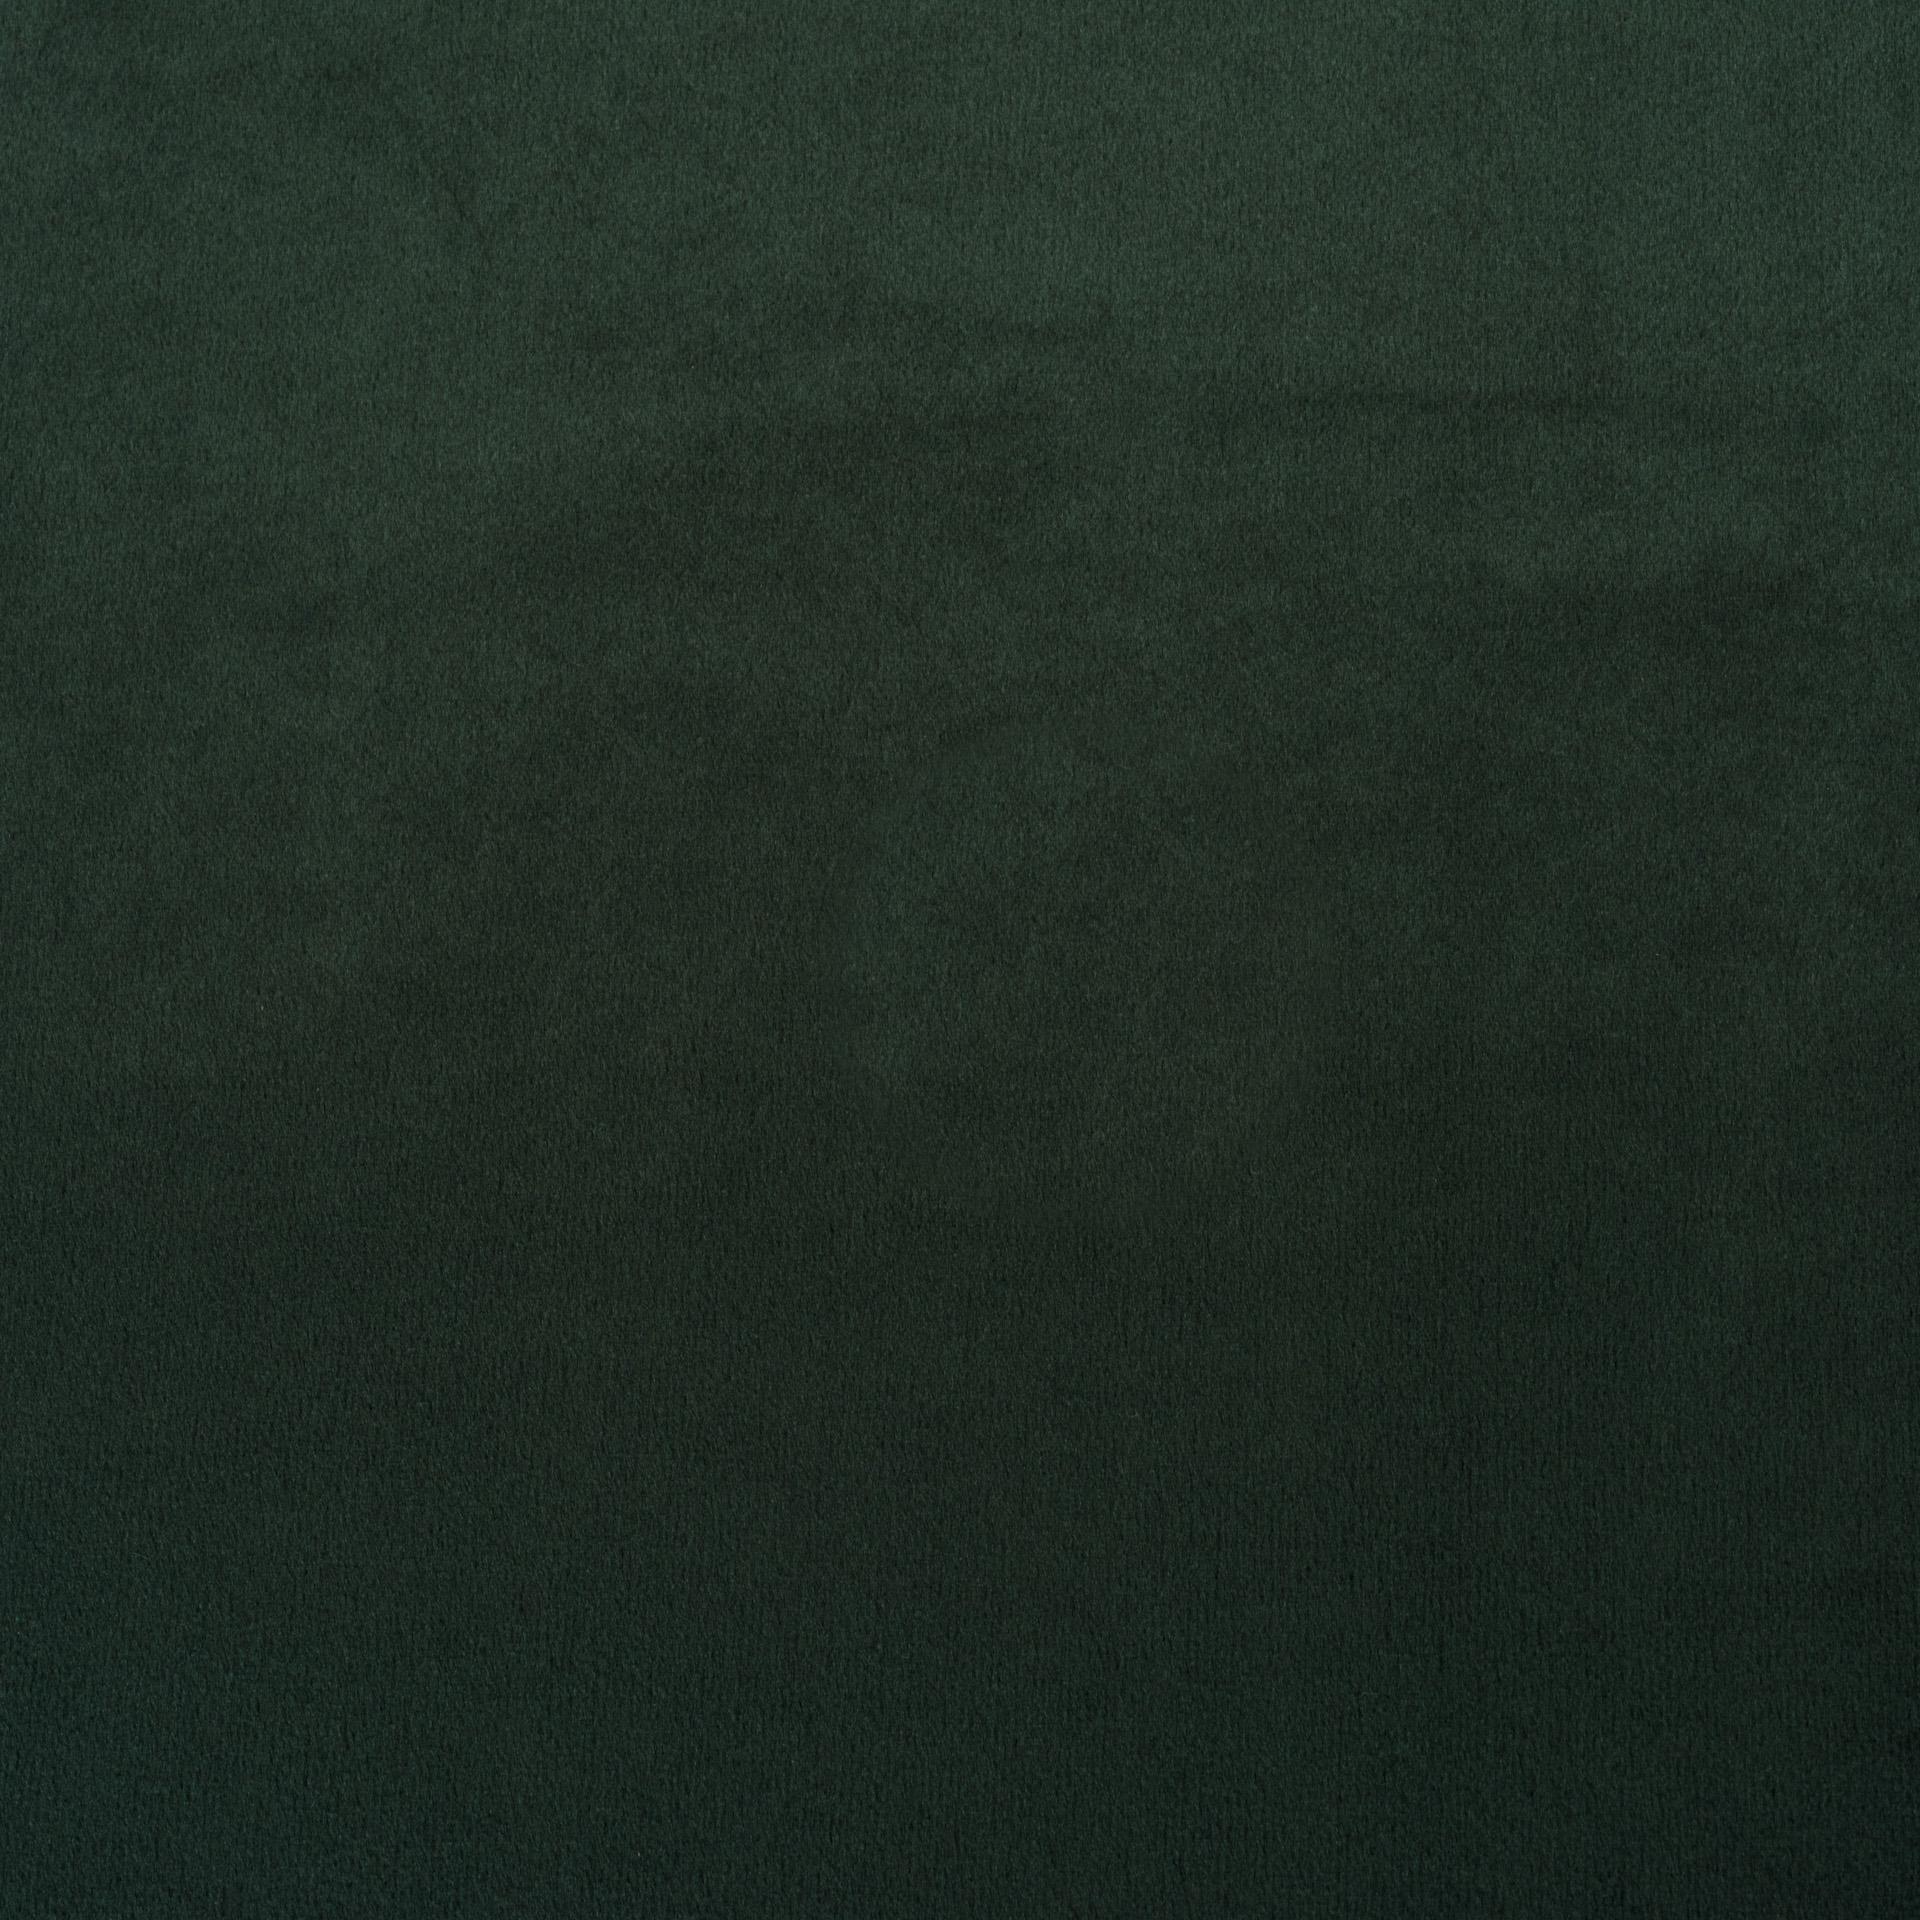 Коллекция ткани Альмира 19 AMAZON GREEN SHINE,  купить ткань Велюр для мебели Украина